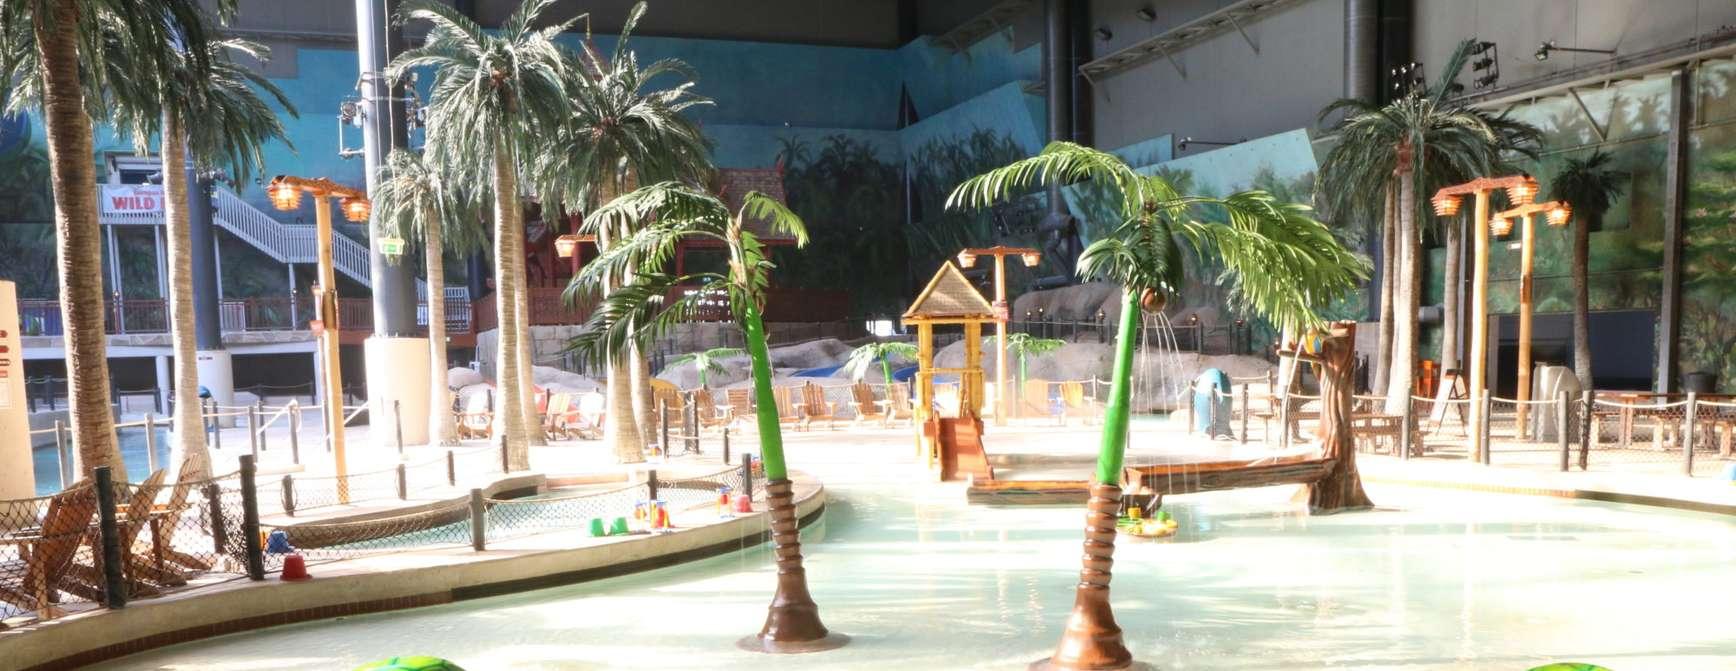 Badeland med vann, palmer og badeleker.